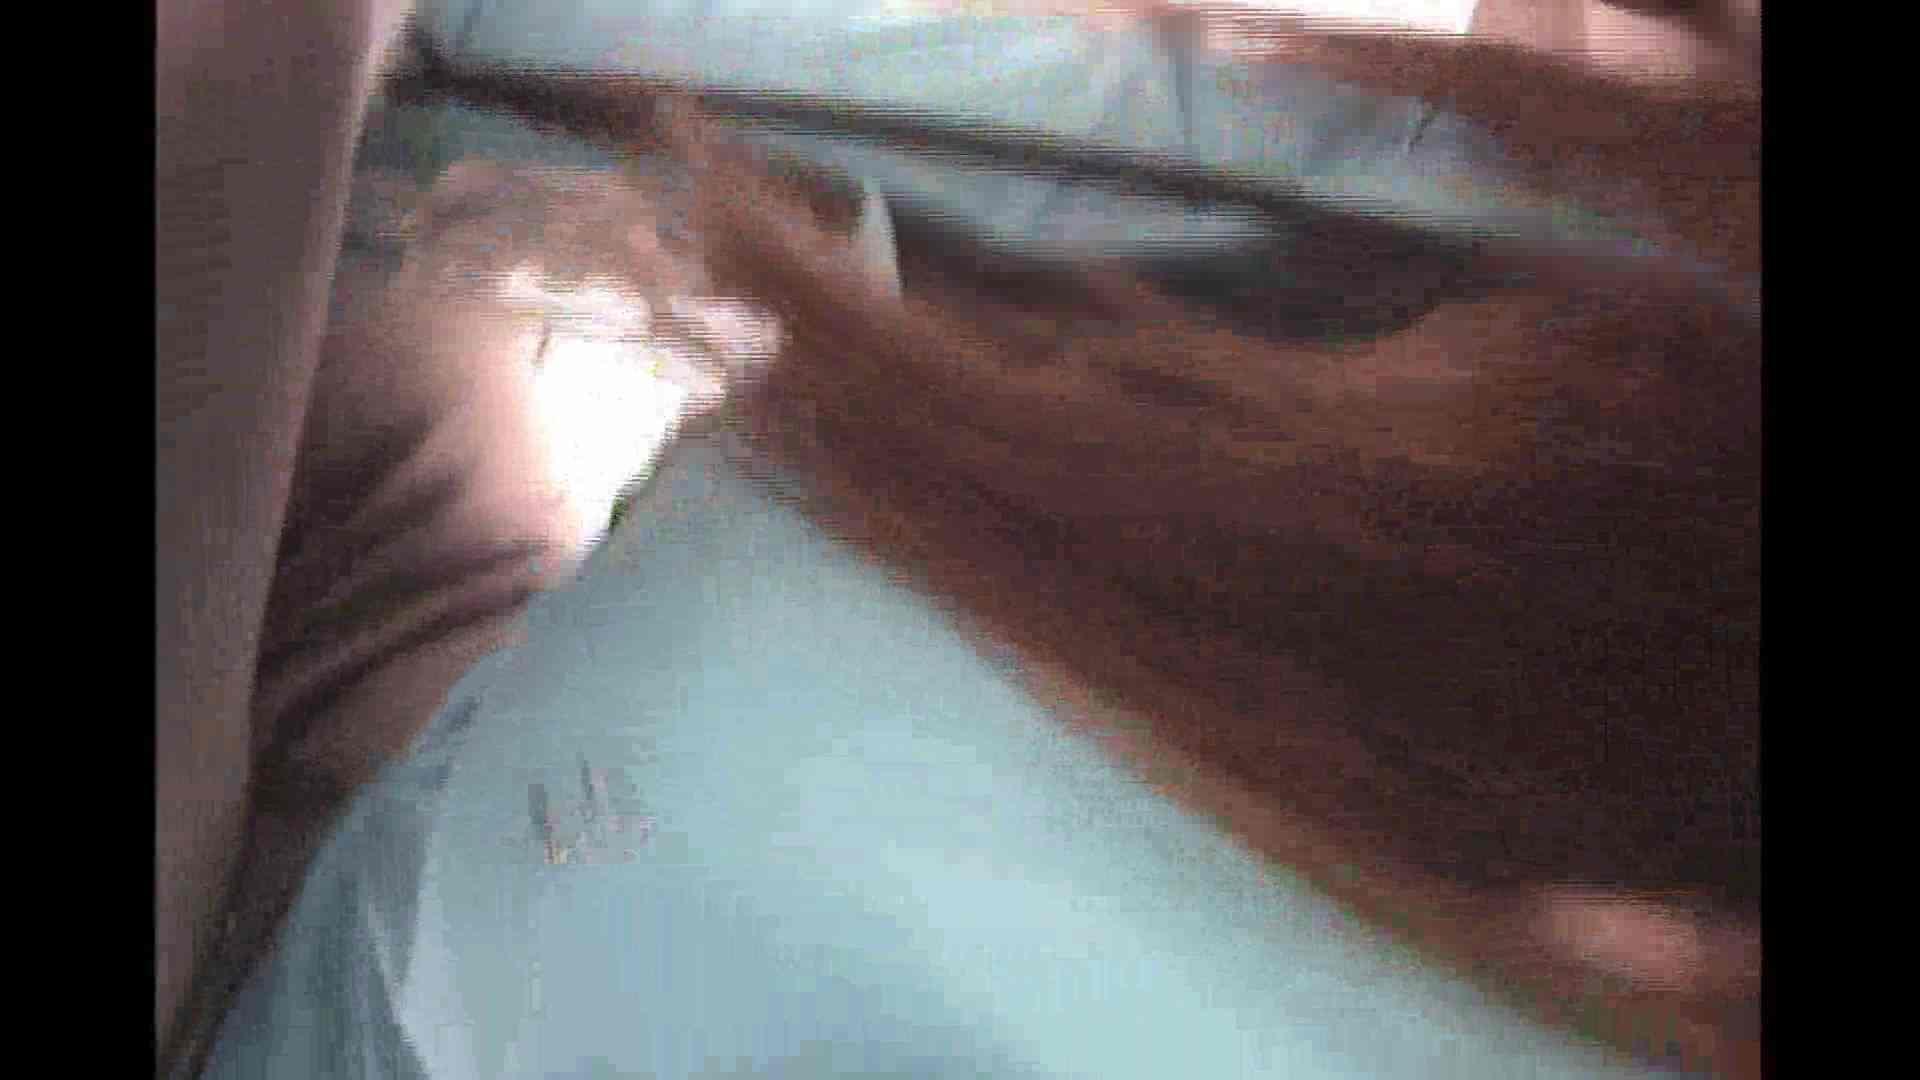 働く美女の谷間参拝 Vol.04 エロティックなOL 女性器鑑賞 101画像 86